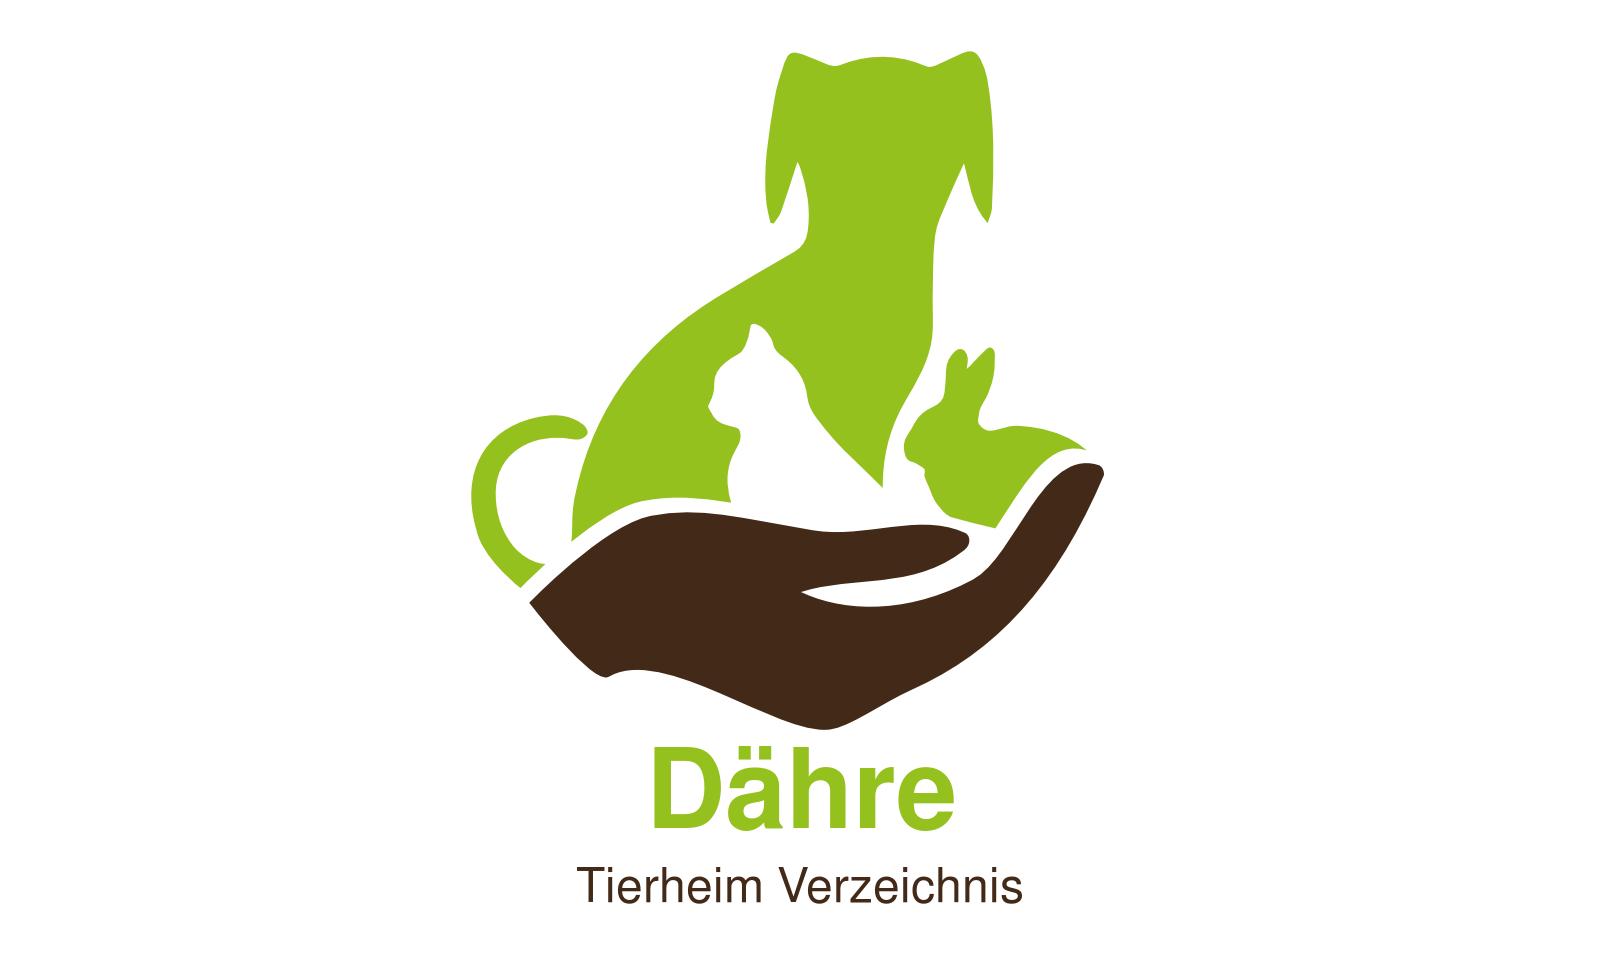 Tierheim Dähre